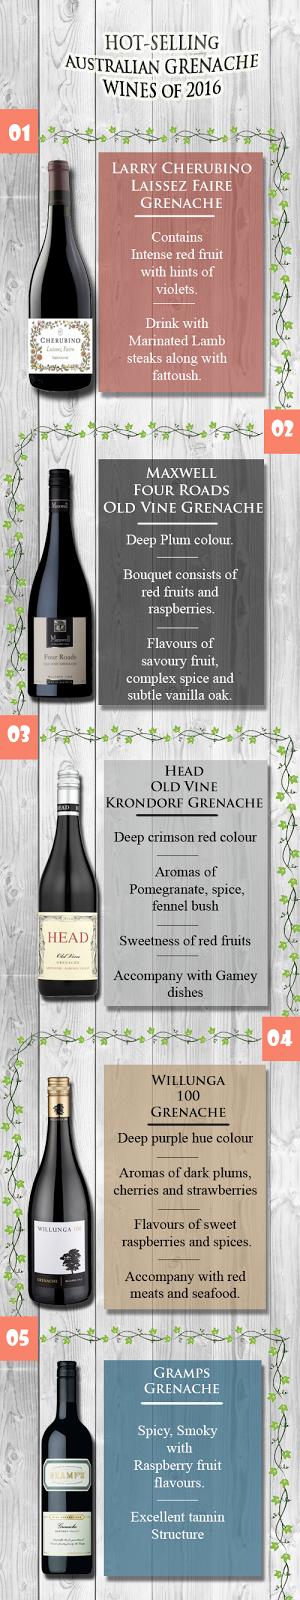 Popular Grenache Wines of 2016